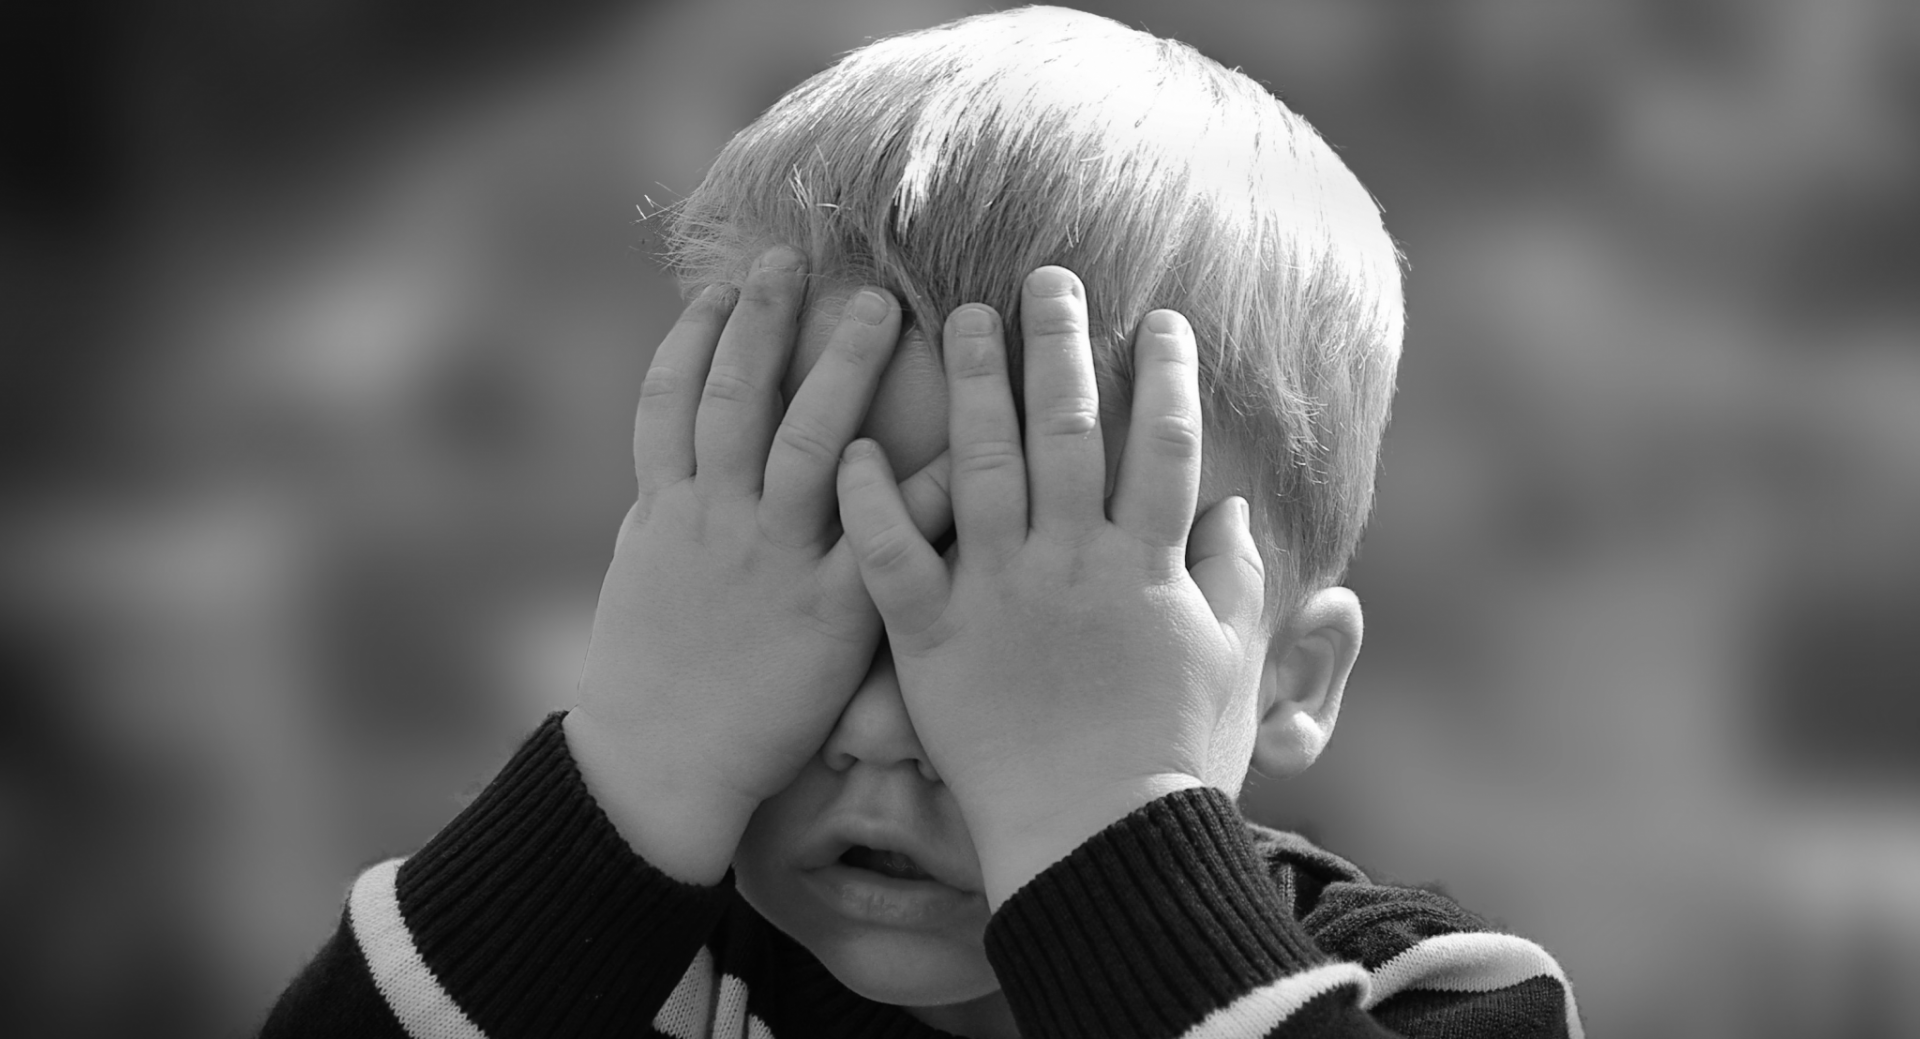 jak sobie radzić z upartym dzieckiem